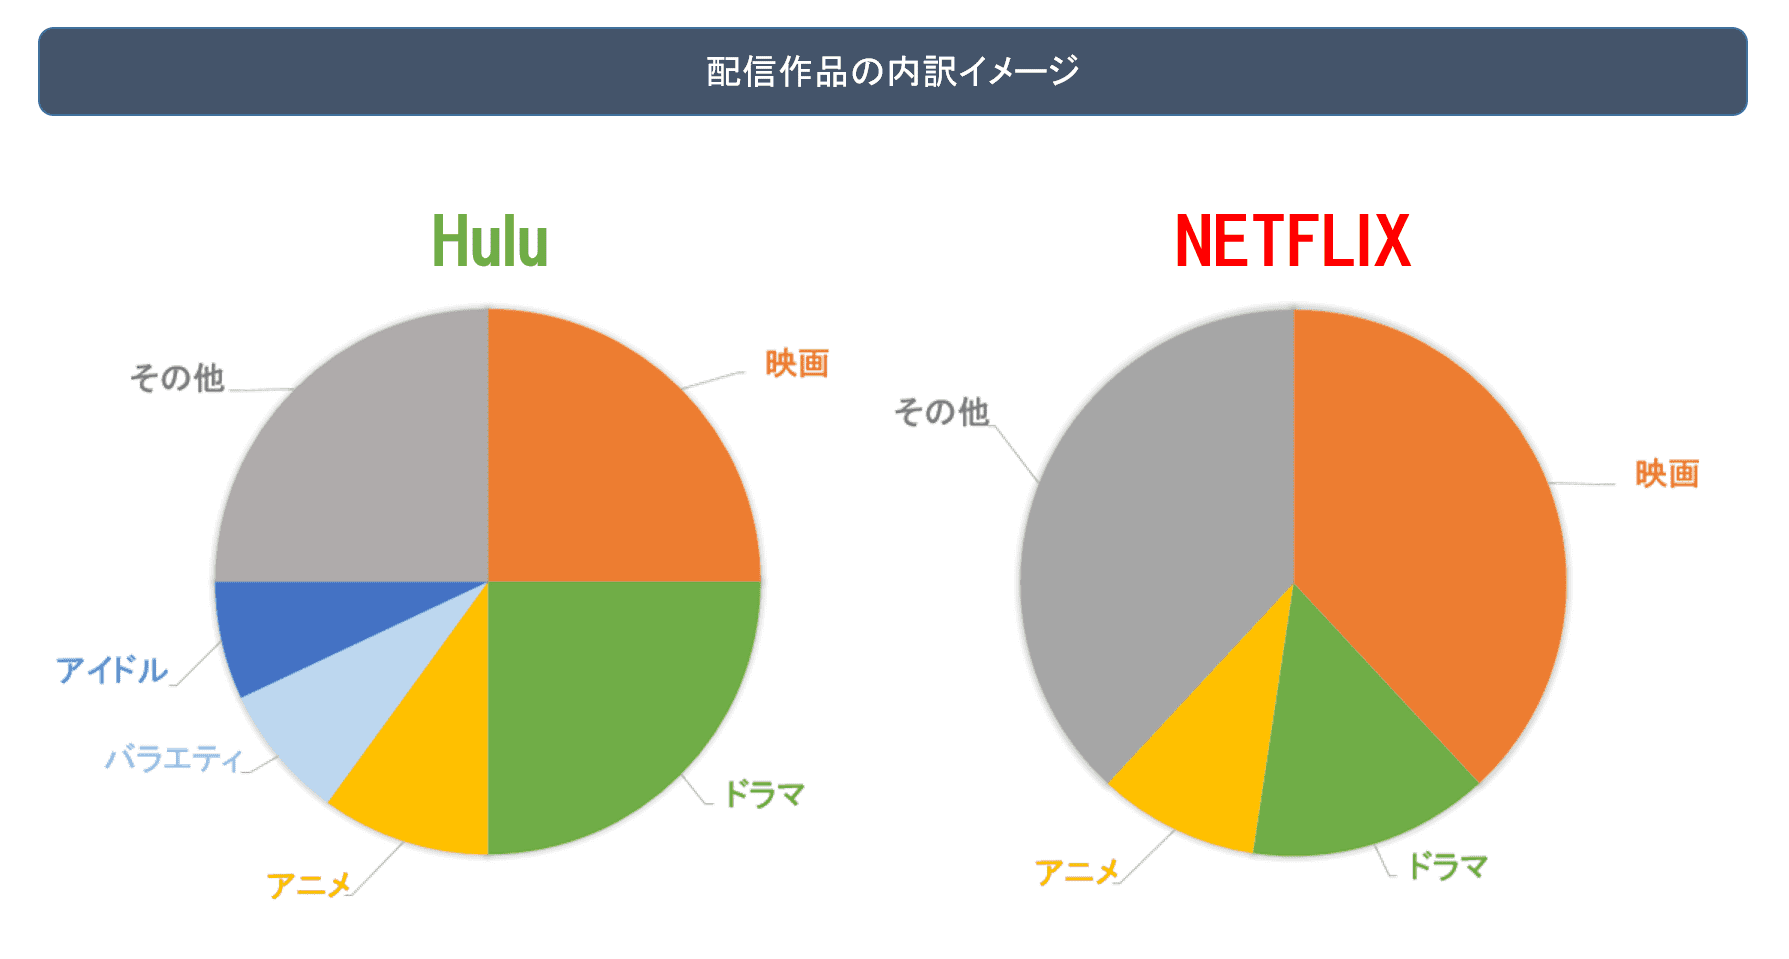 HuluとNetflix配信作品の内訳 図解